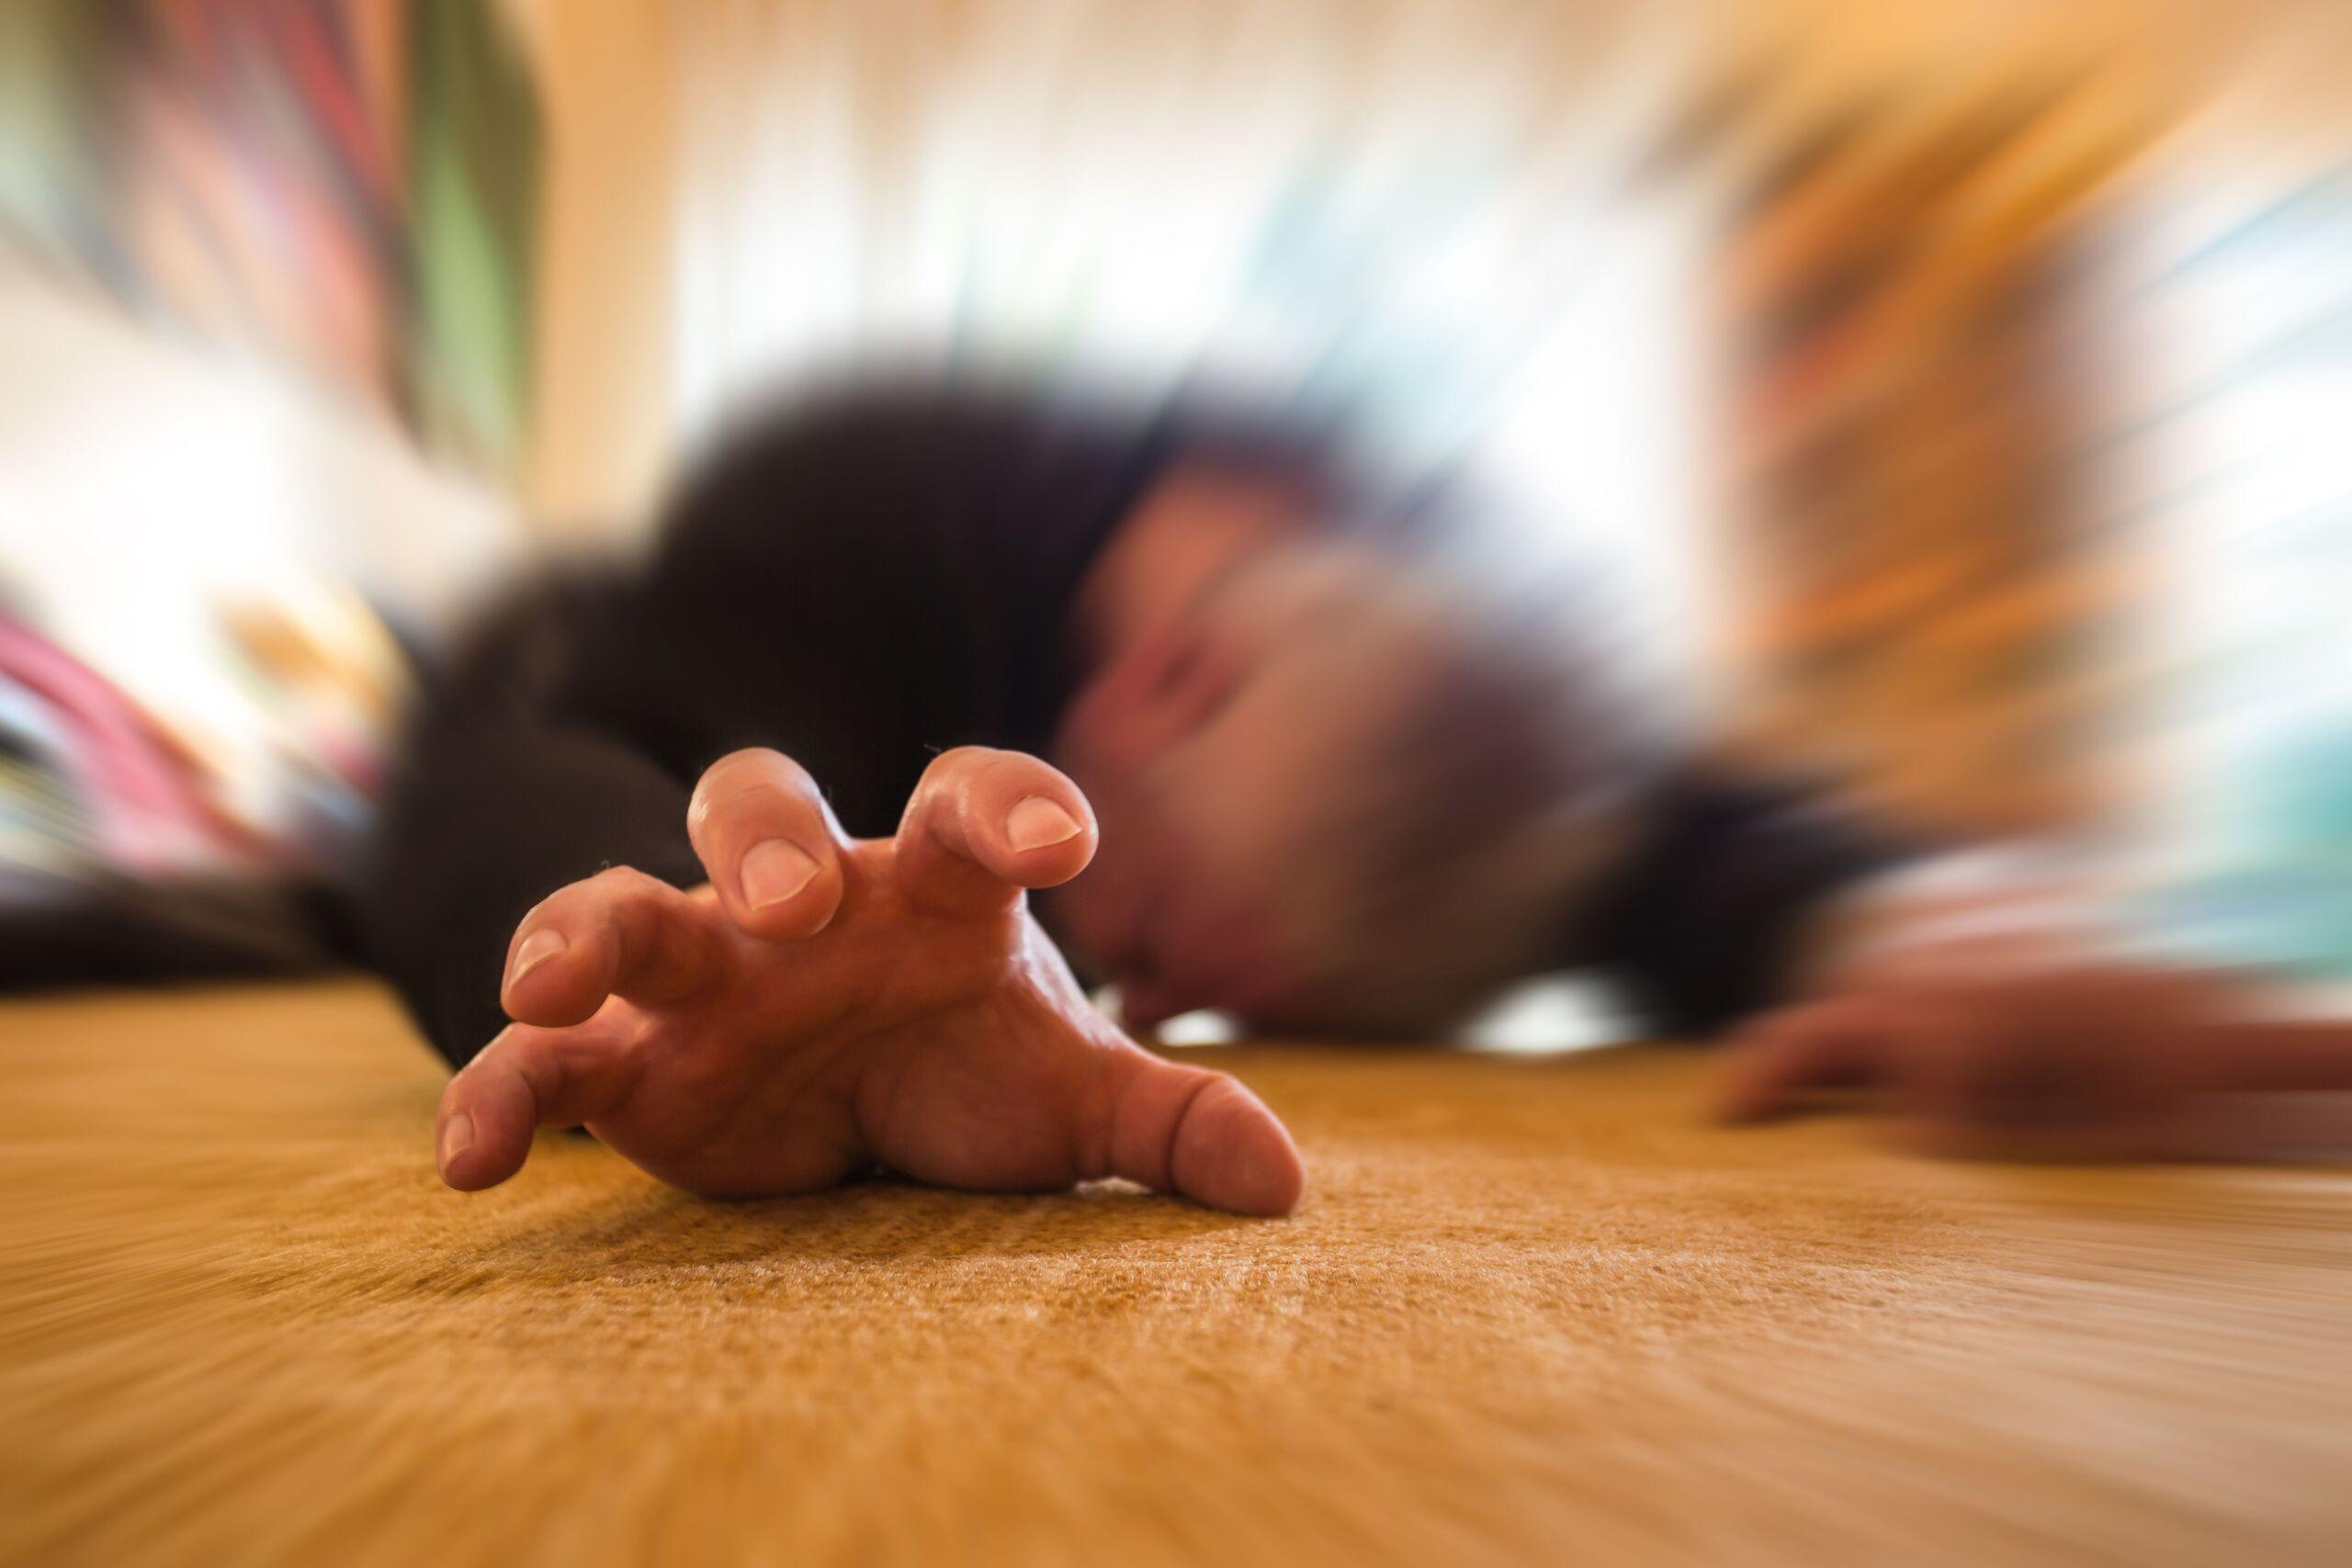 Mann mit Epilepsie liegt am Boden